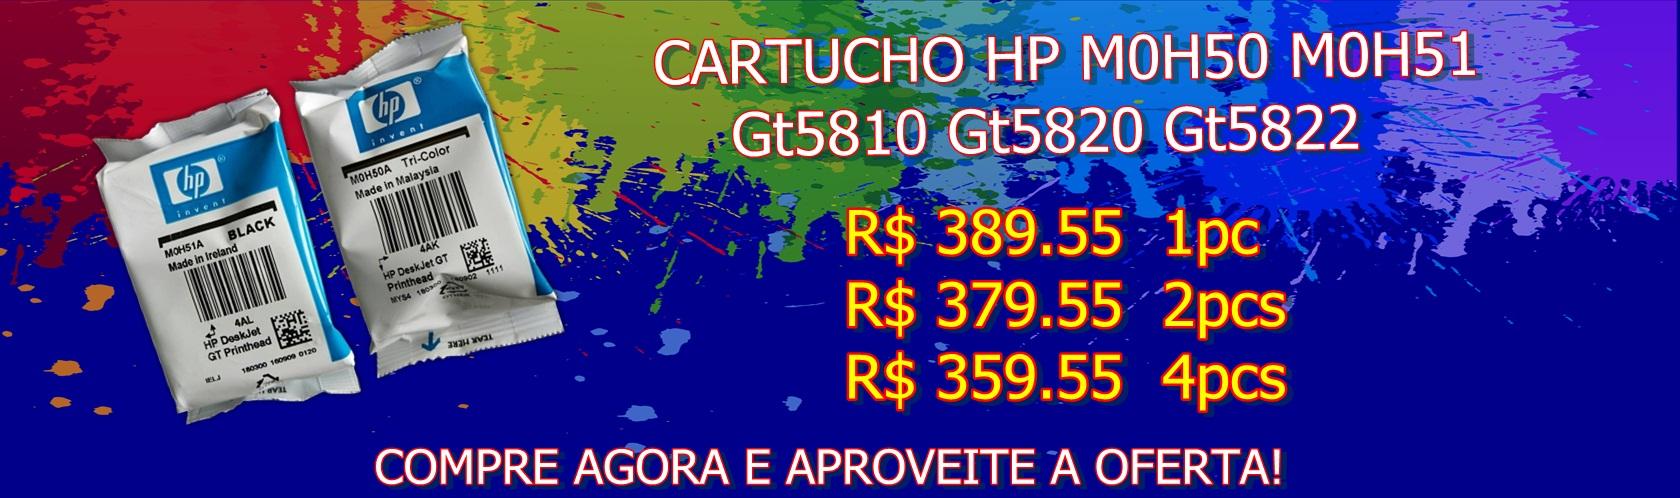 data/banners/cartucho.jpg